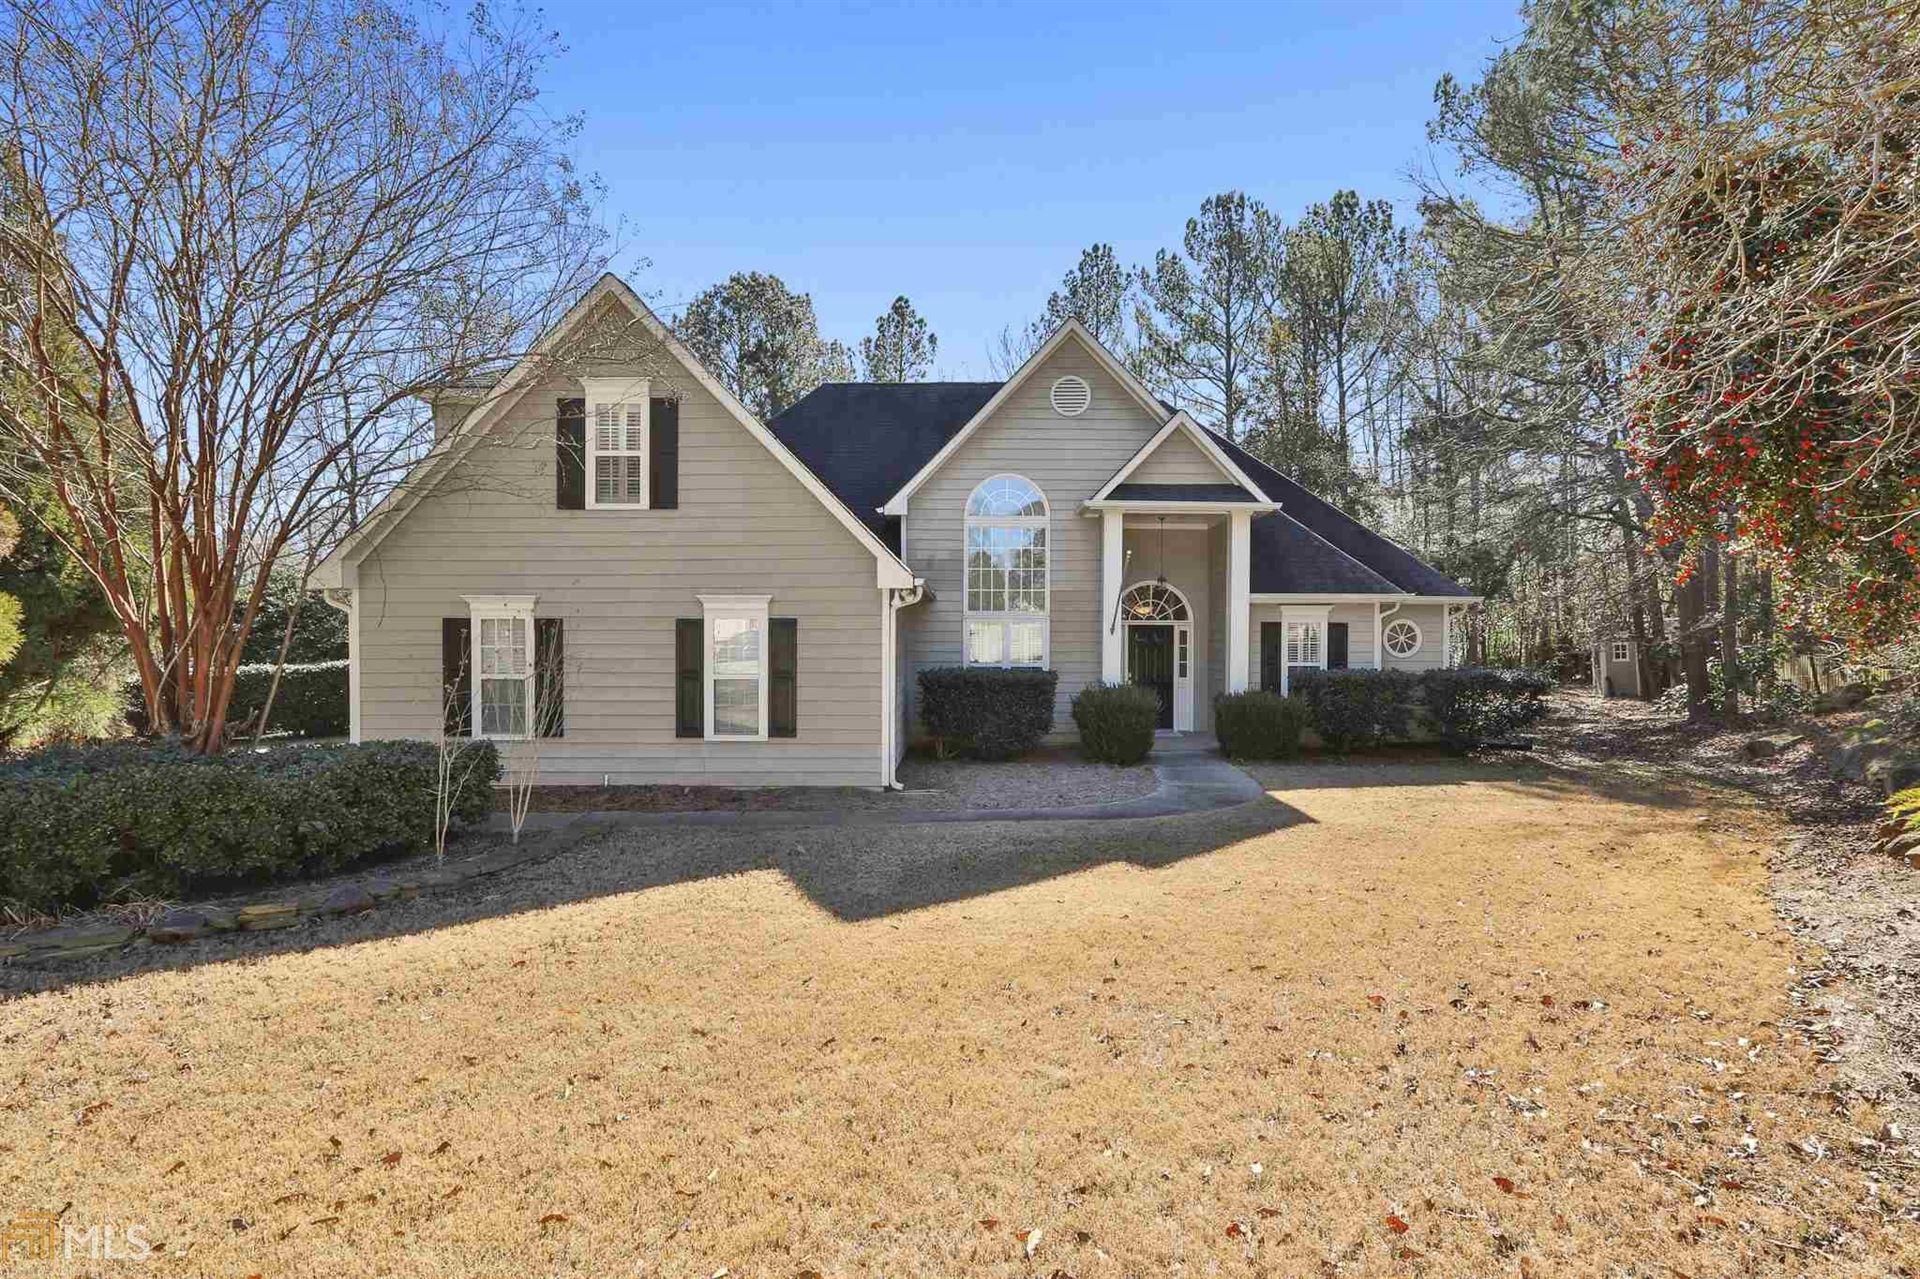 130 Broadleaf Pt, Fayetteville, GA 30215 - MLS#: 8915174